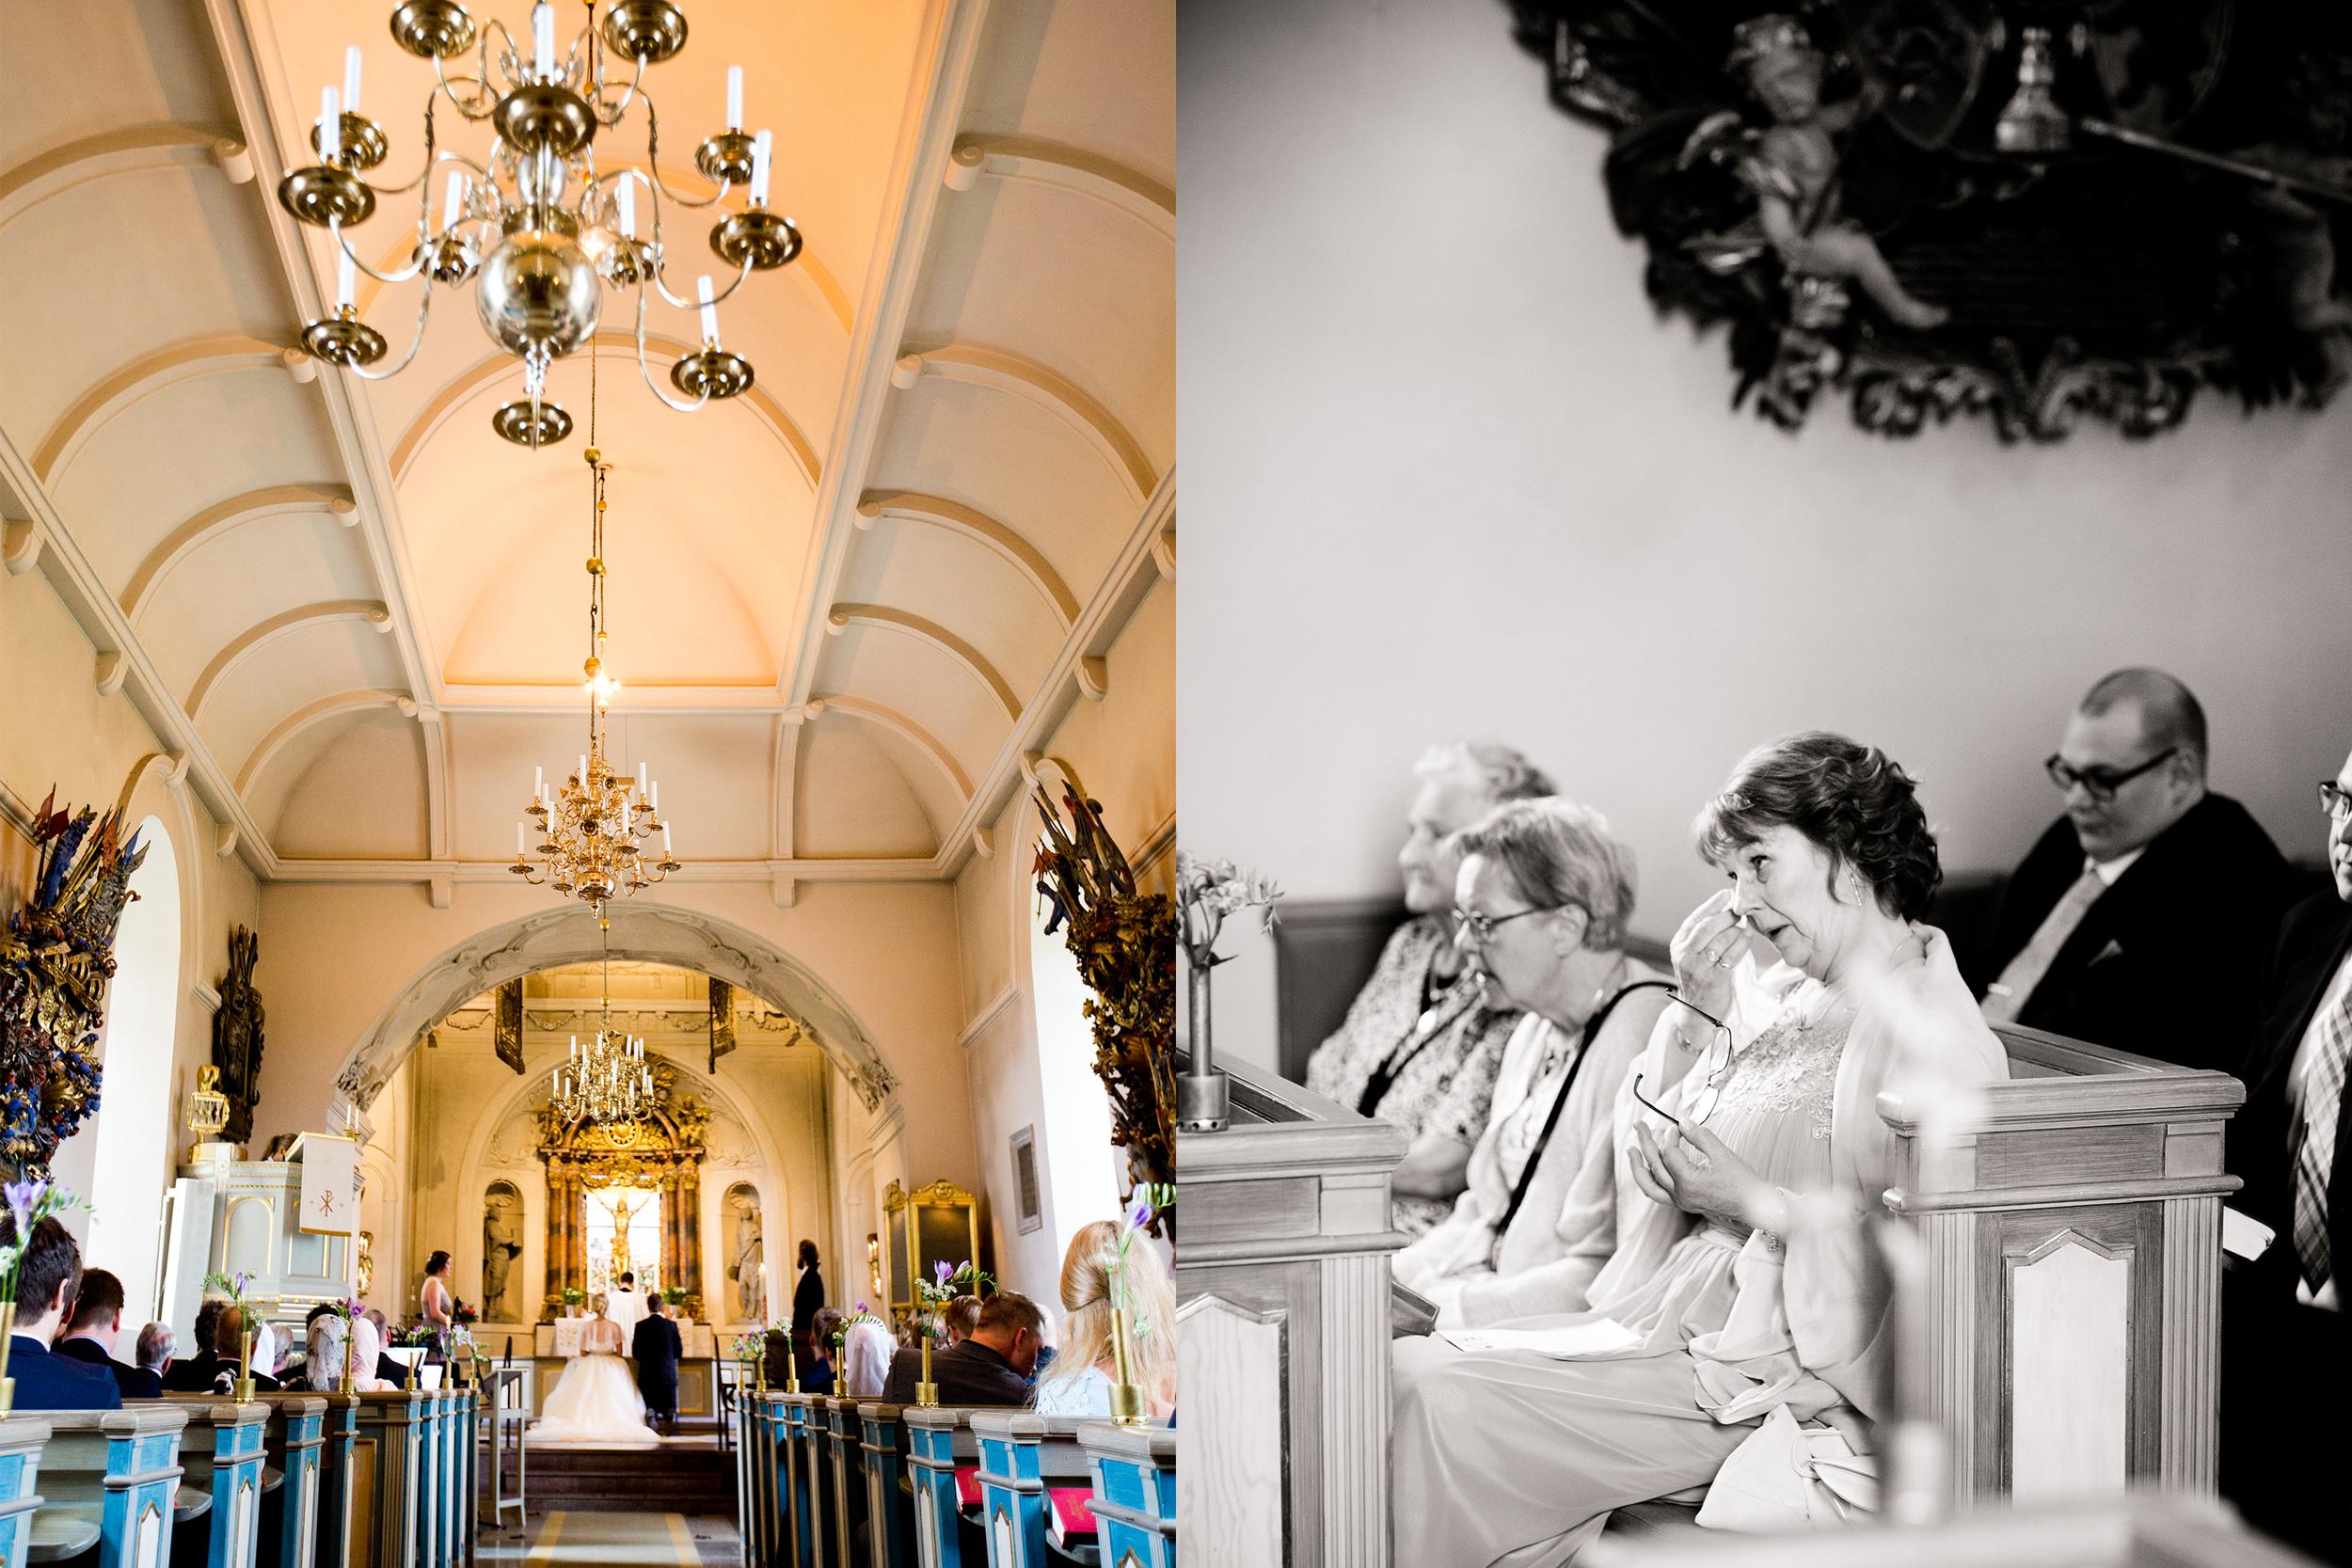 Bröllopsfotograf-turinge-vidbynäs-gård15.jpg